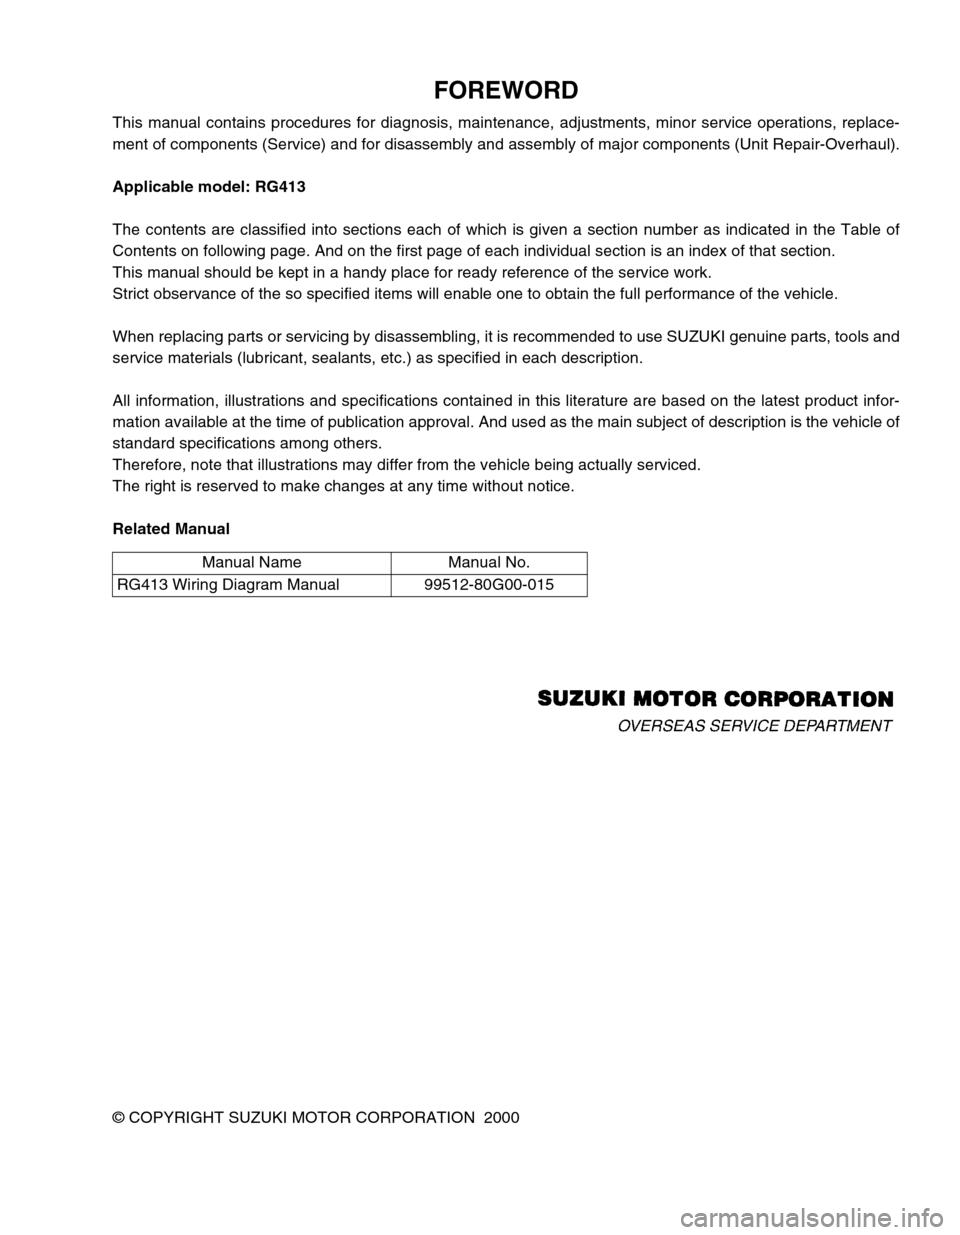 Suzuki Swift 2000 1 G Rg413 Service Workshop Manual